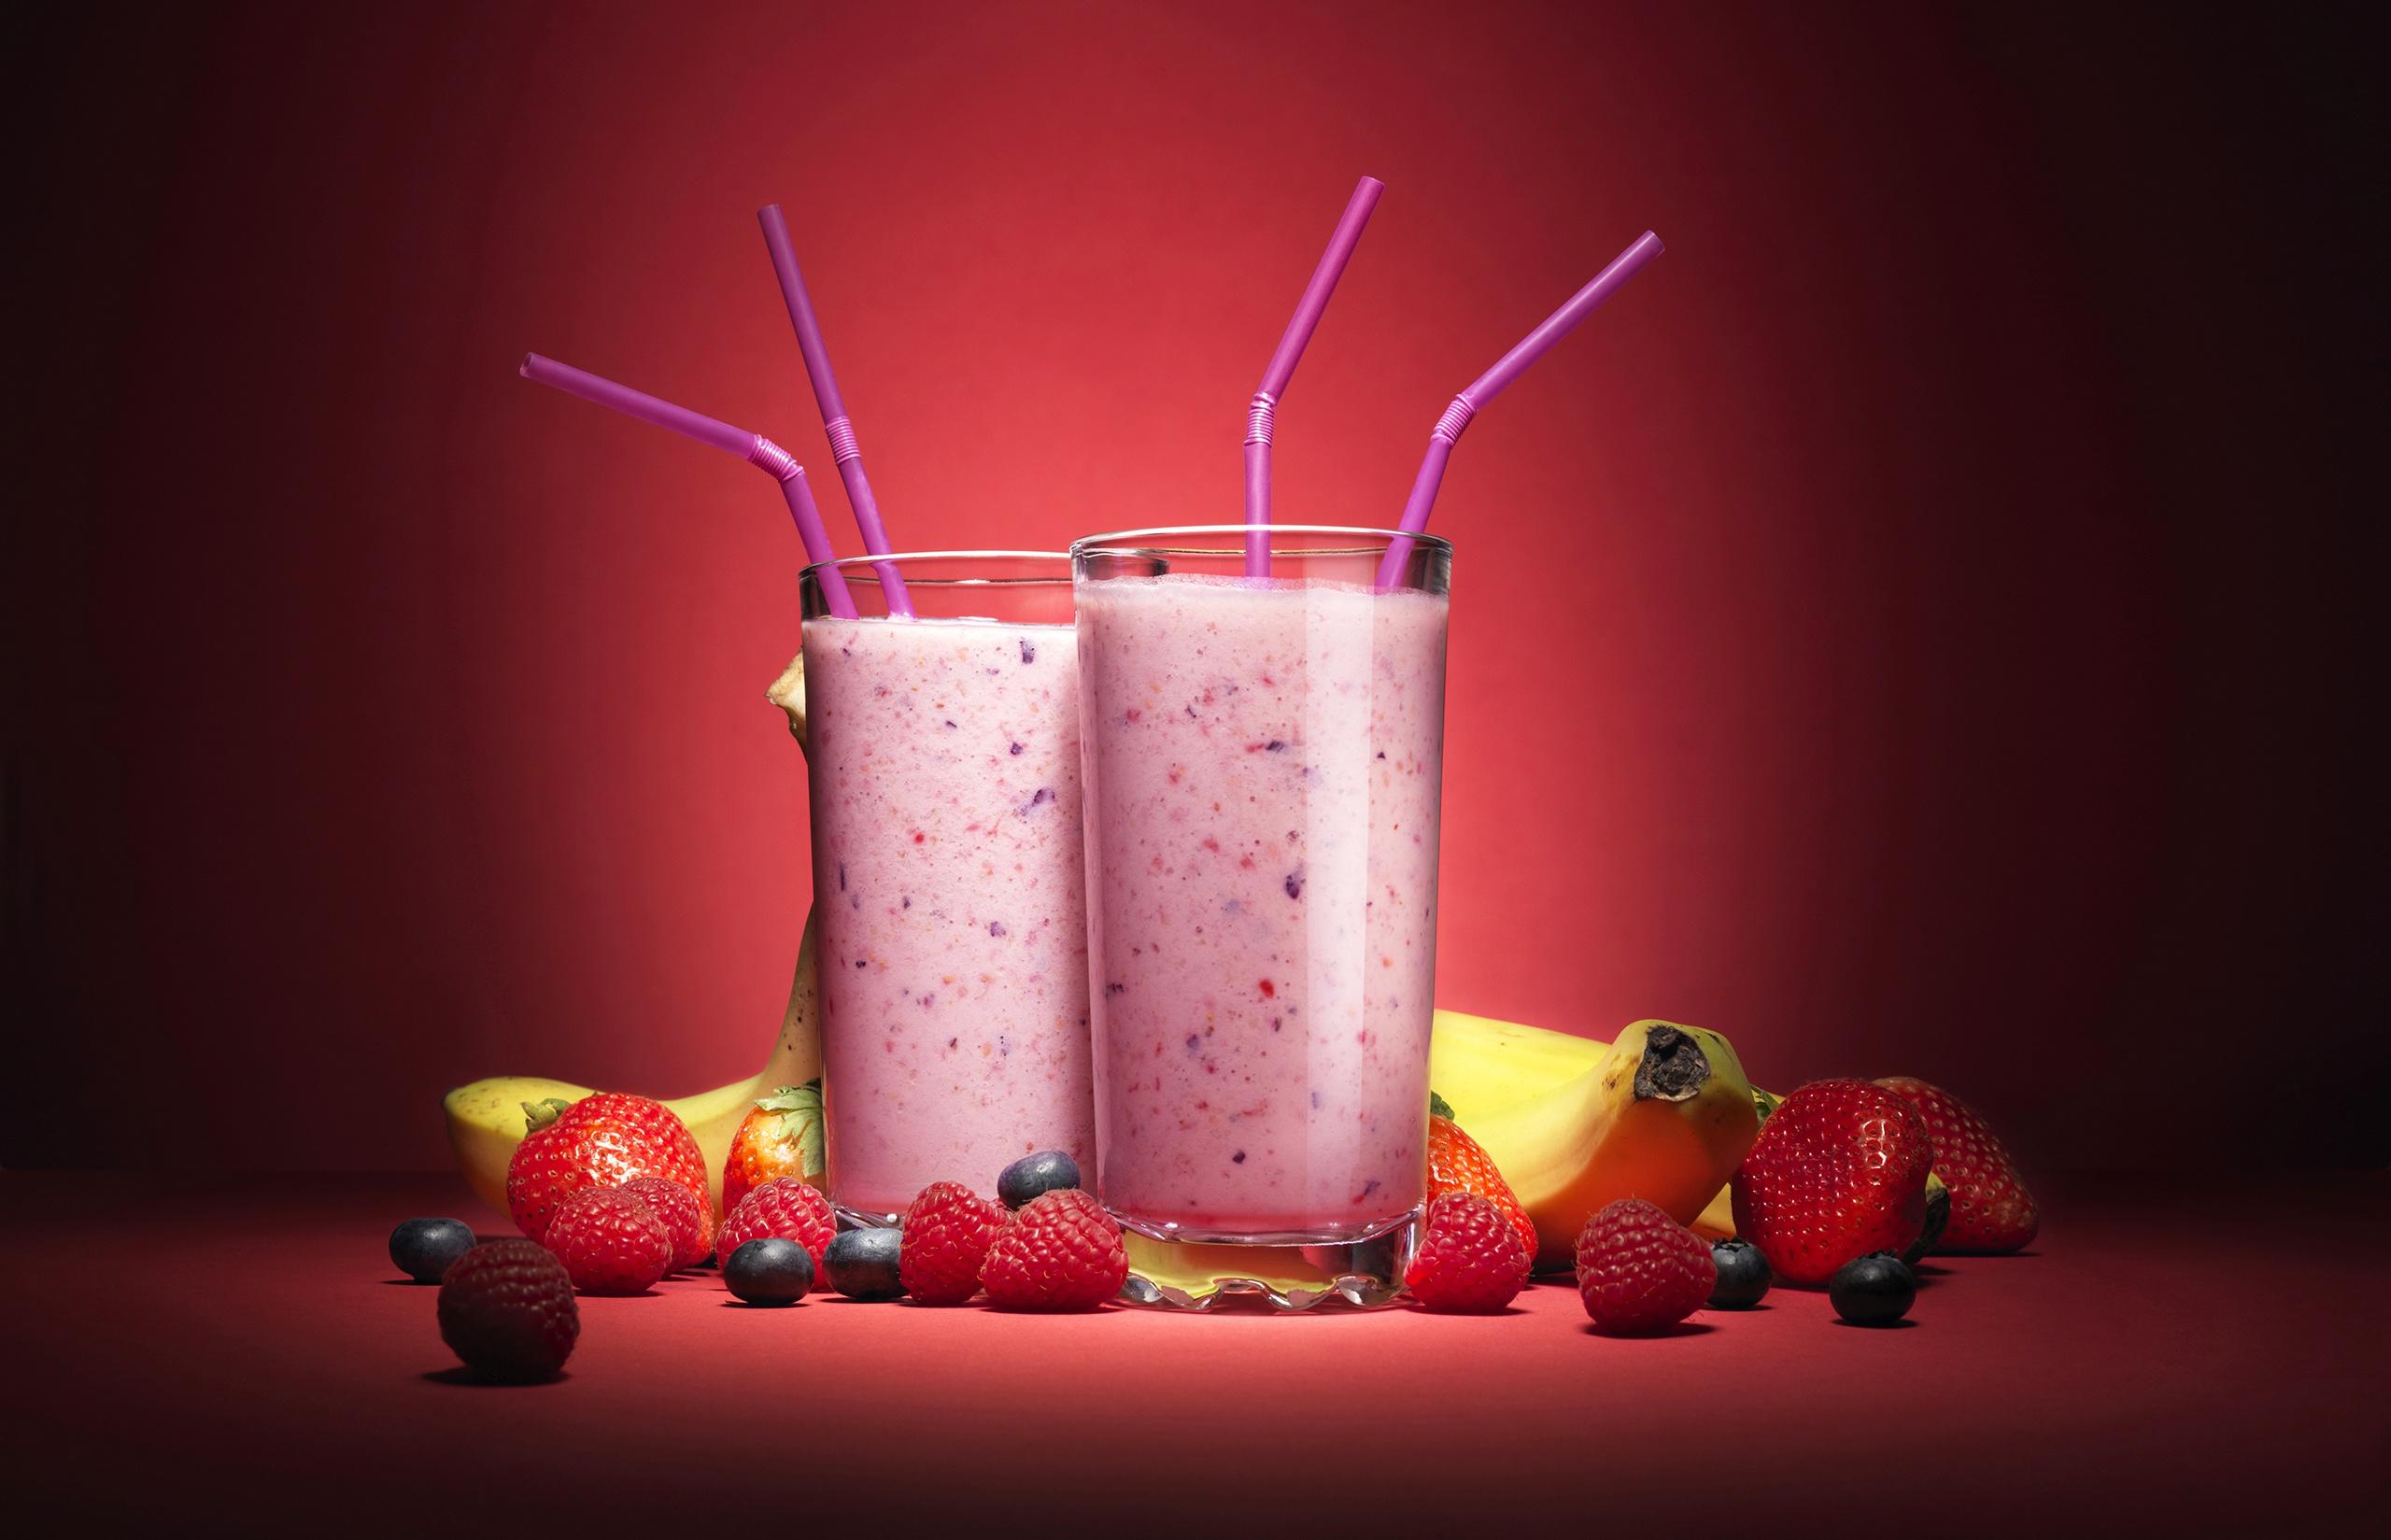 Картинки Стакан Малина Клубника Пища Коктейль стакана стакане Еда Продукты питания